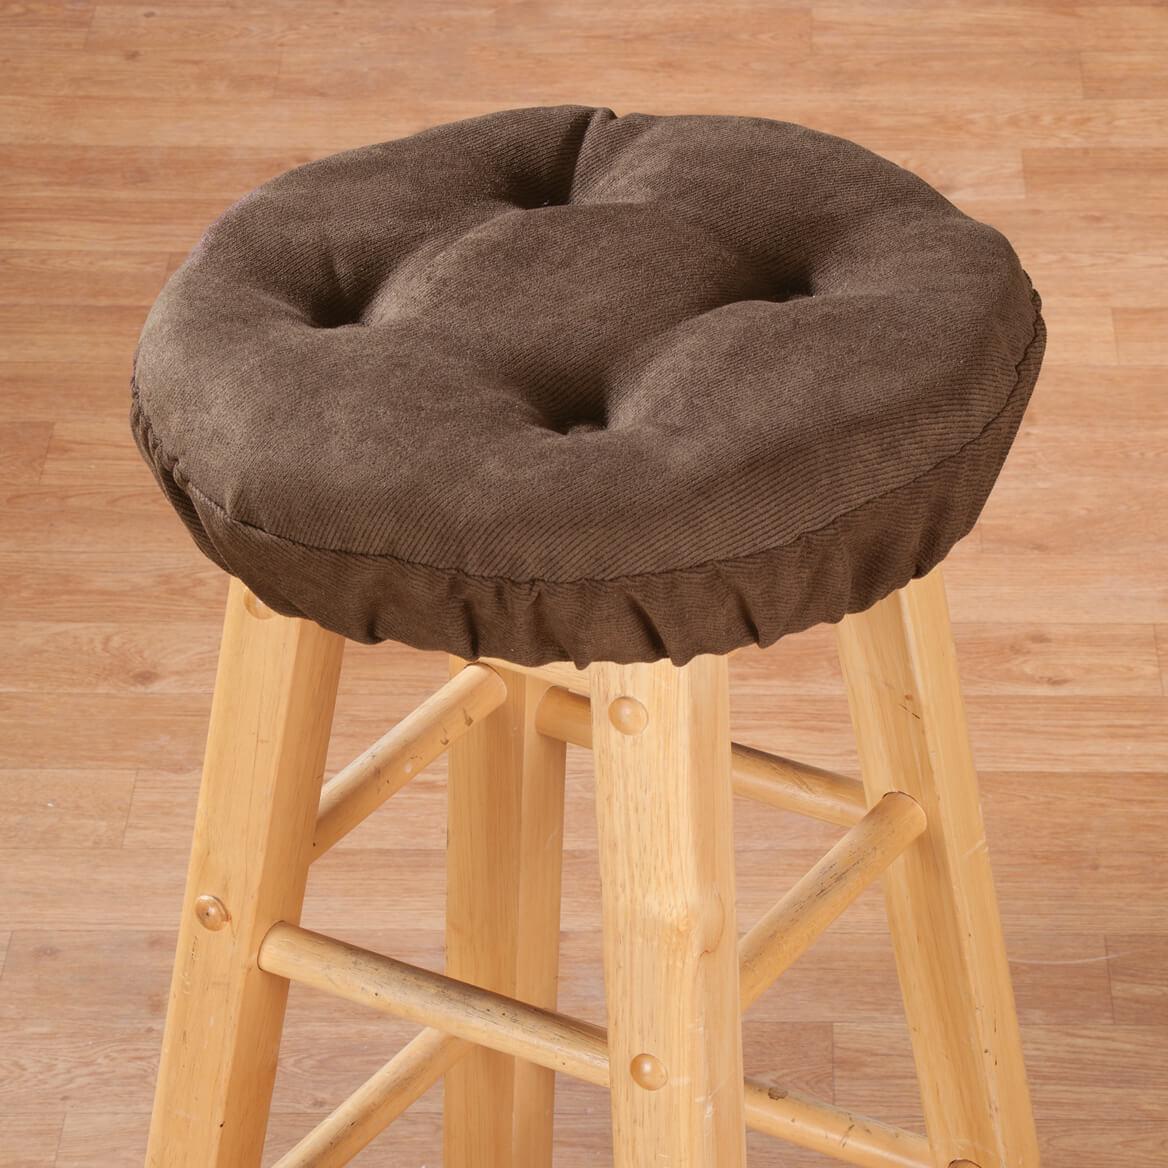 Twillo Bar Stool Seat Cushion Bar Stool Cushions Miles  : alt33943522x from www.mileskimball.com size 1168 x 1168 jpeg 175kB